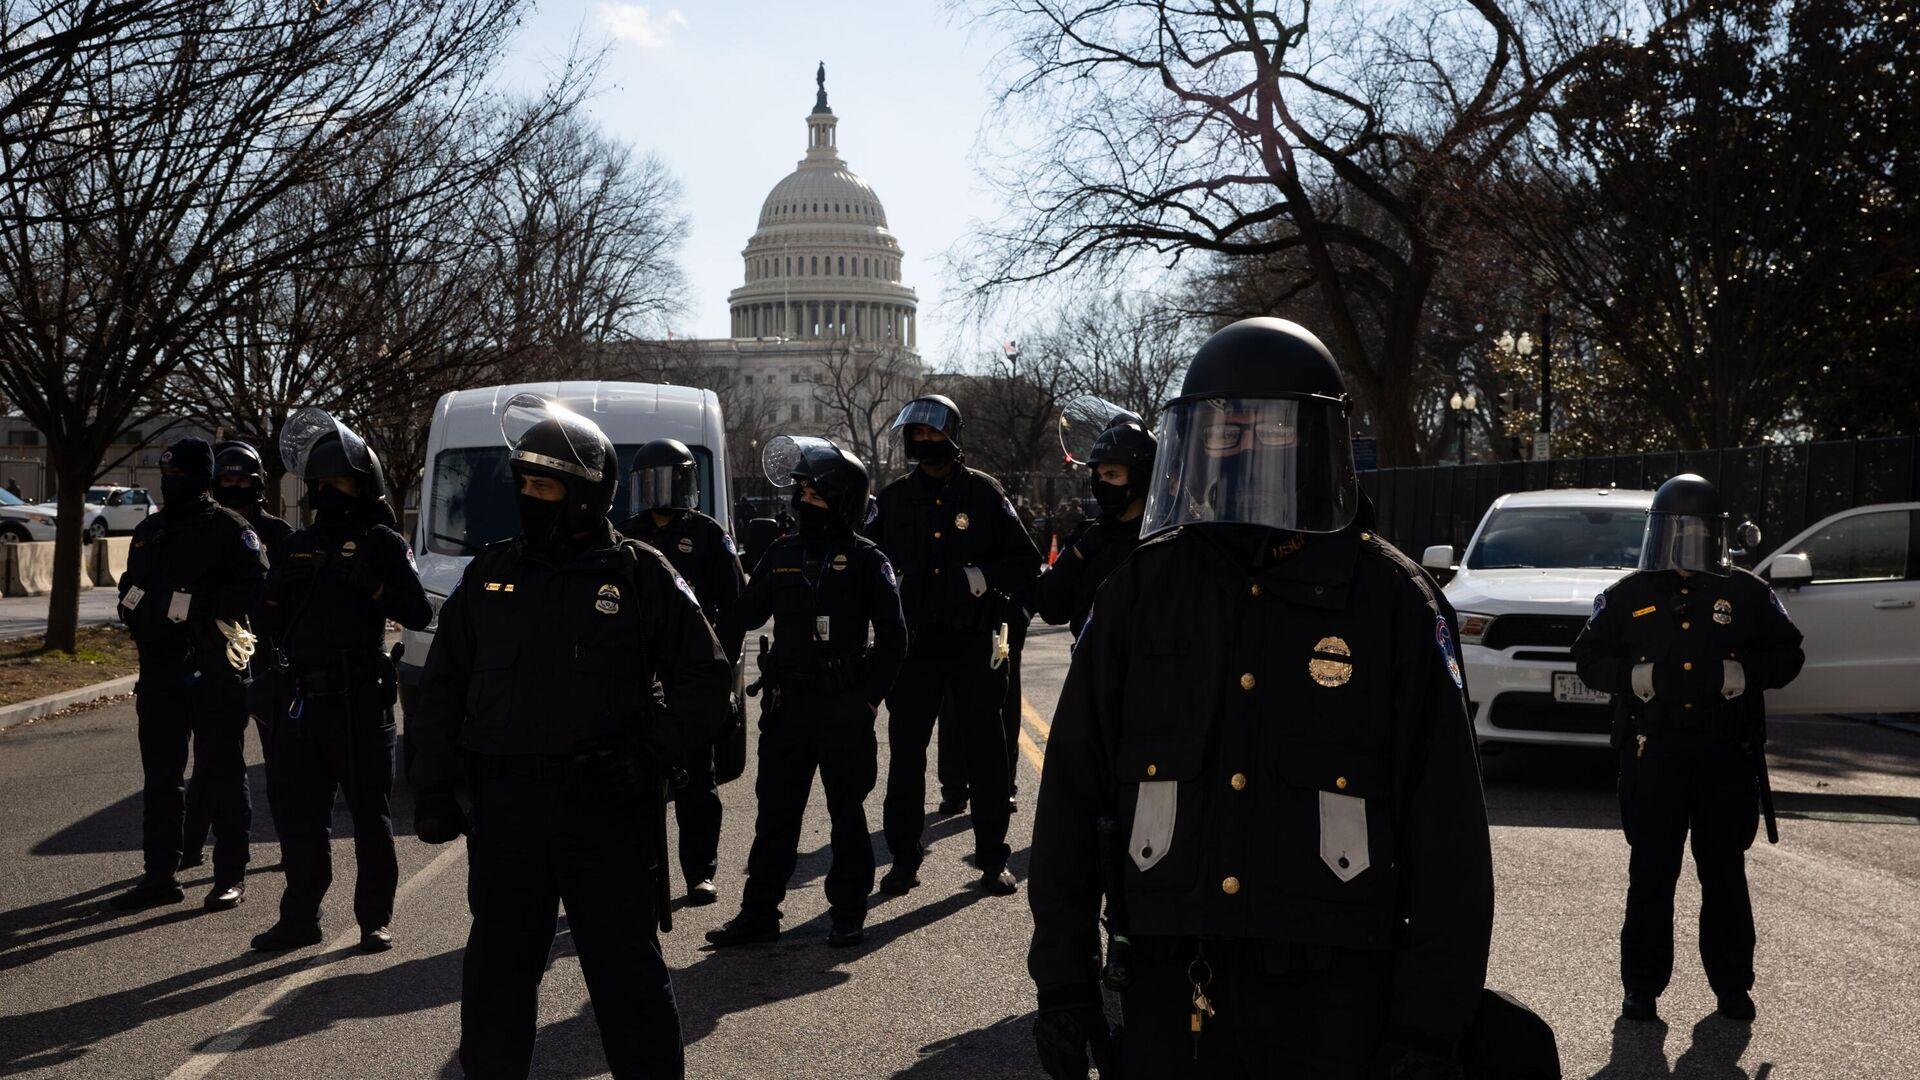 Полицейские у здания Капитолия США во время инаугурации избранного президента Джо Байдена в Вашингтоне - РИА Новости, 1920, 27.07.2021